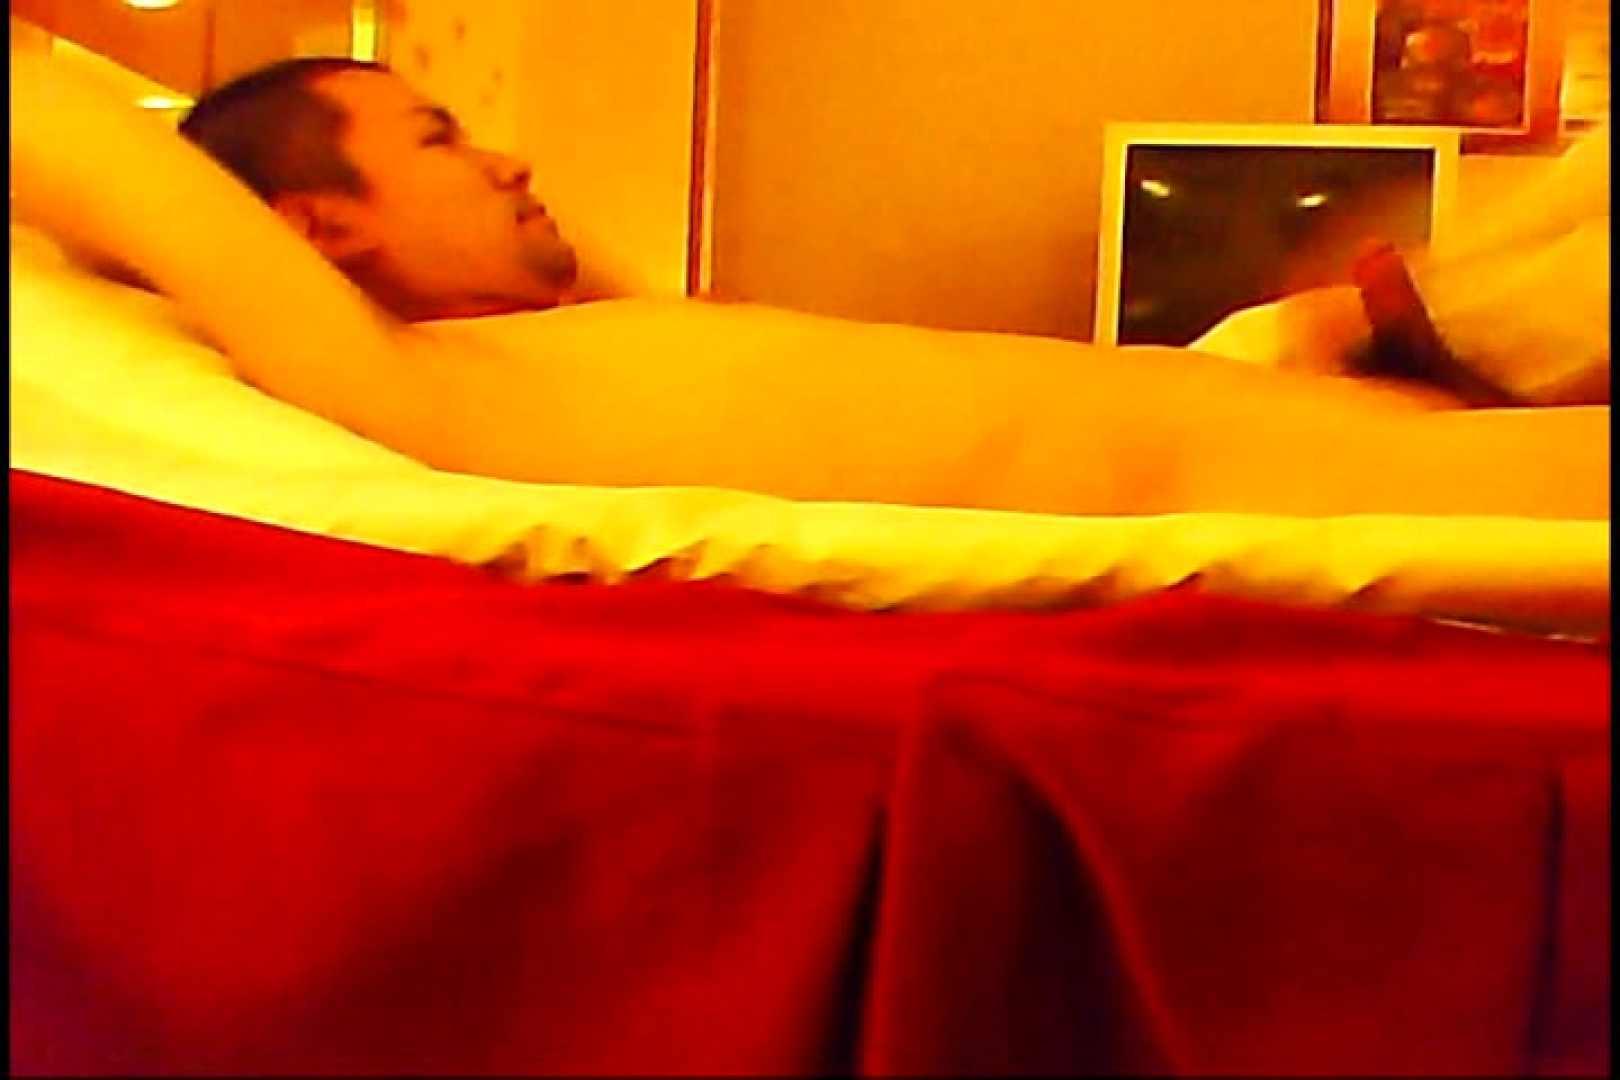 セックスフレンドVol.3 ミカ 淫乱   手マンエロ画像  83PICs 43